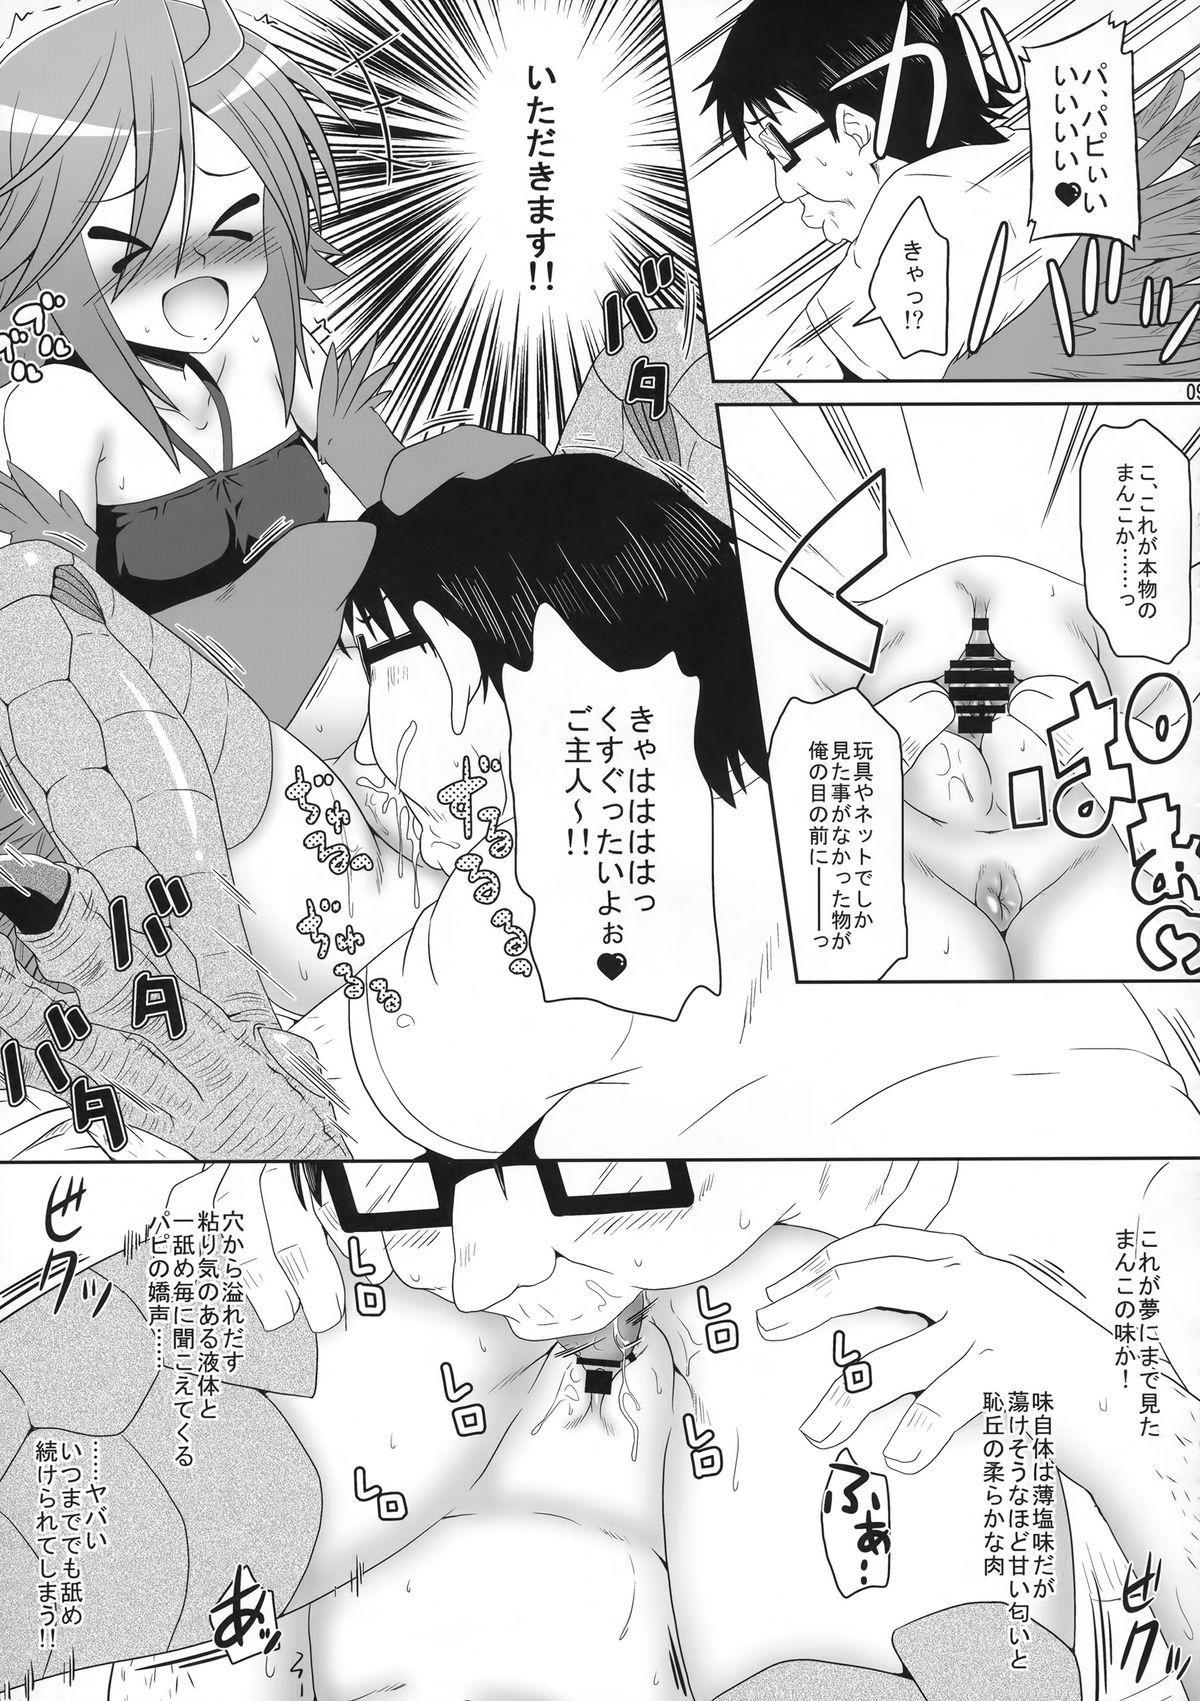 Harpy ga Tonari ni Iru Nichijou 7